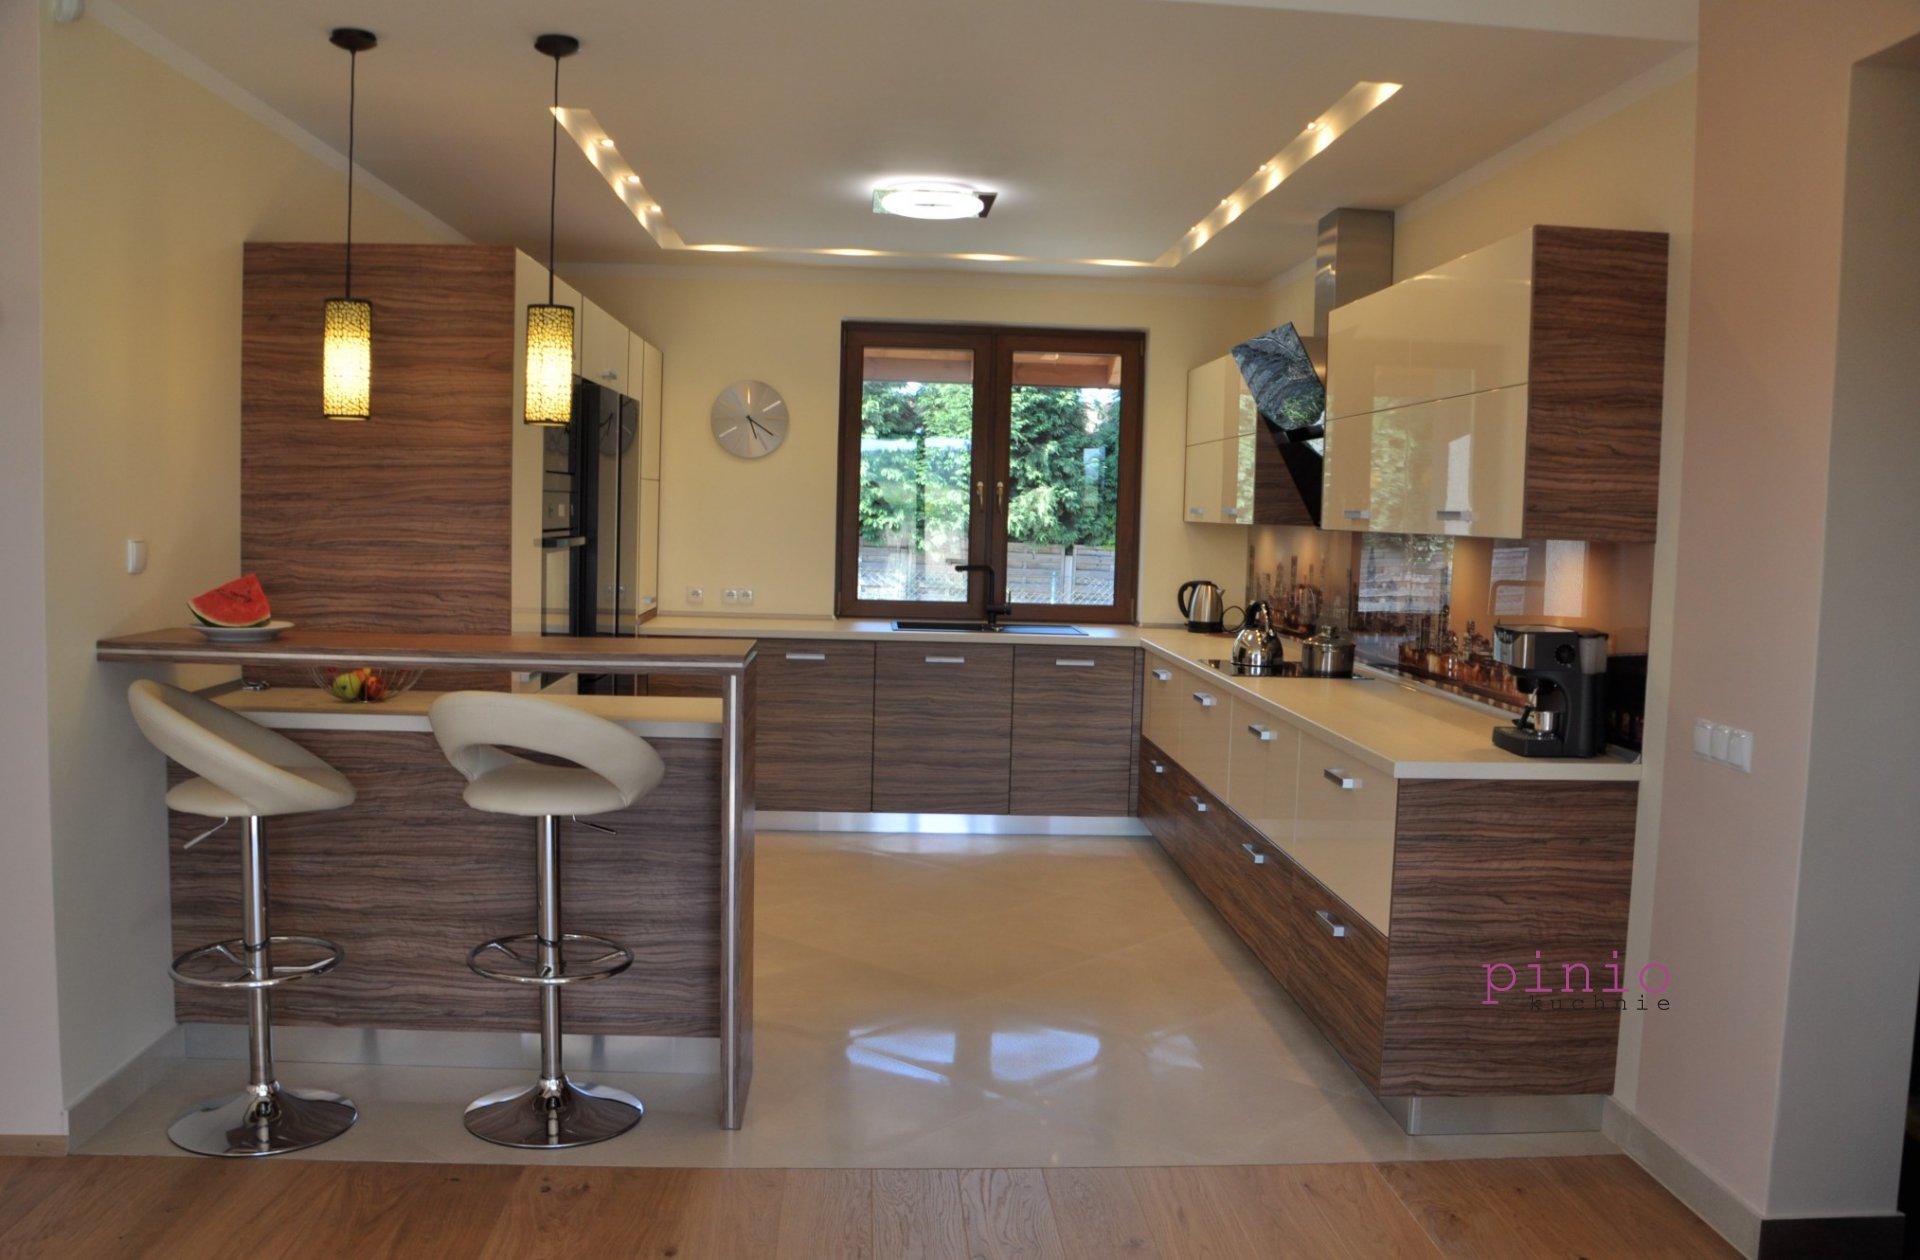 kuchnie drewniane tychy meenutcom najlepszy pomys� na